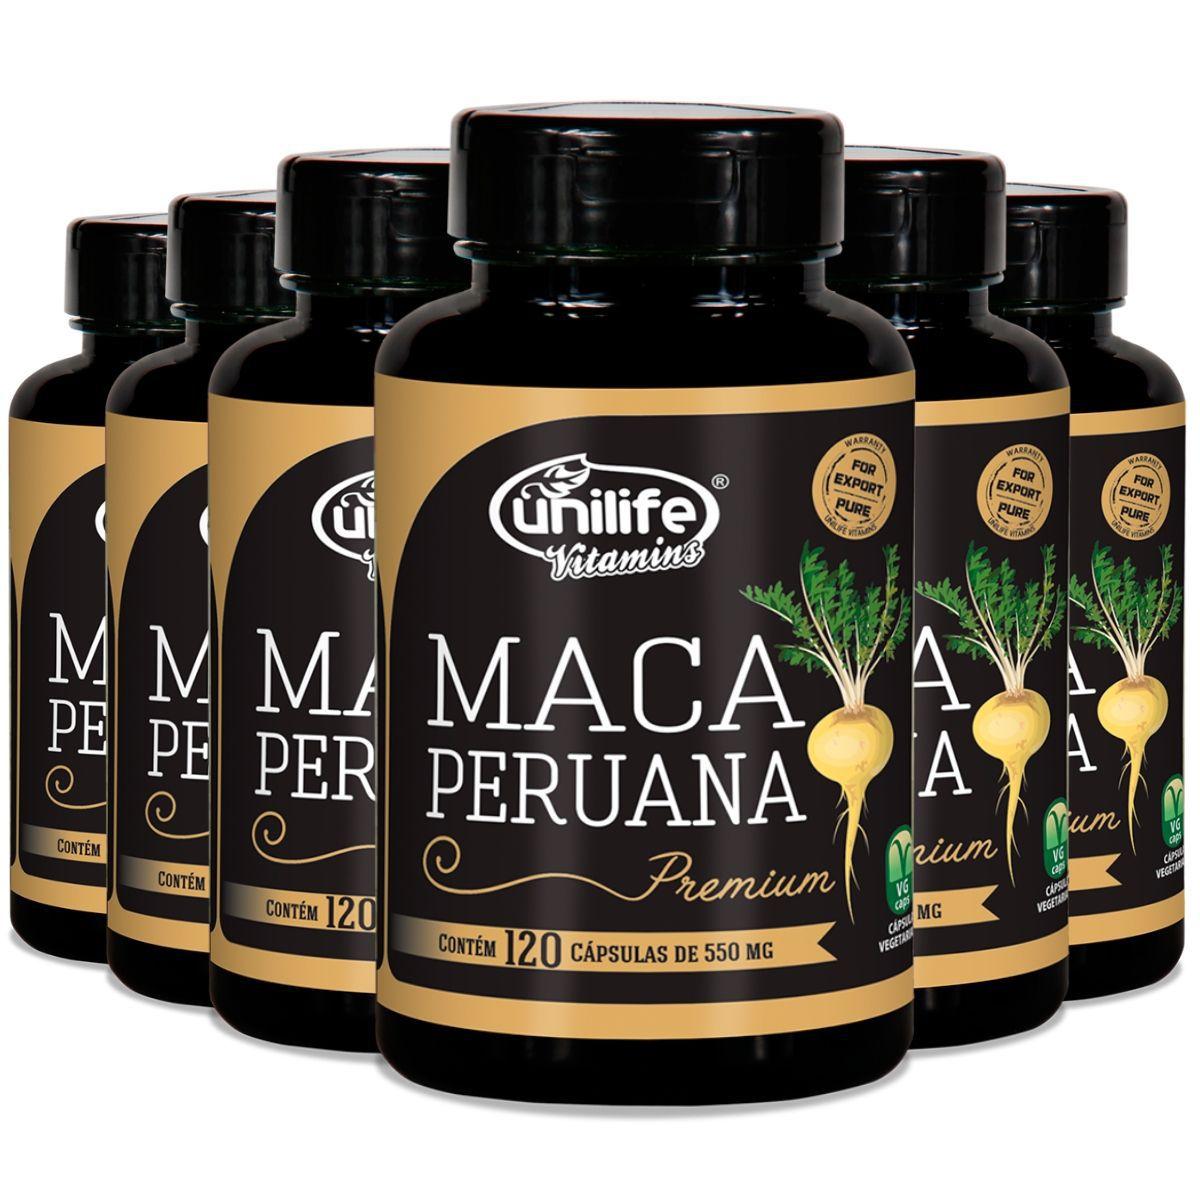 Kit 6 Maca Peruana Premium Pura Unilife - 720 Cápsulas